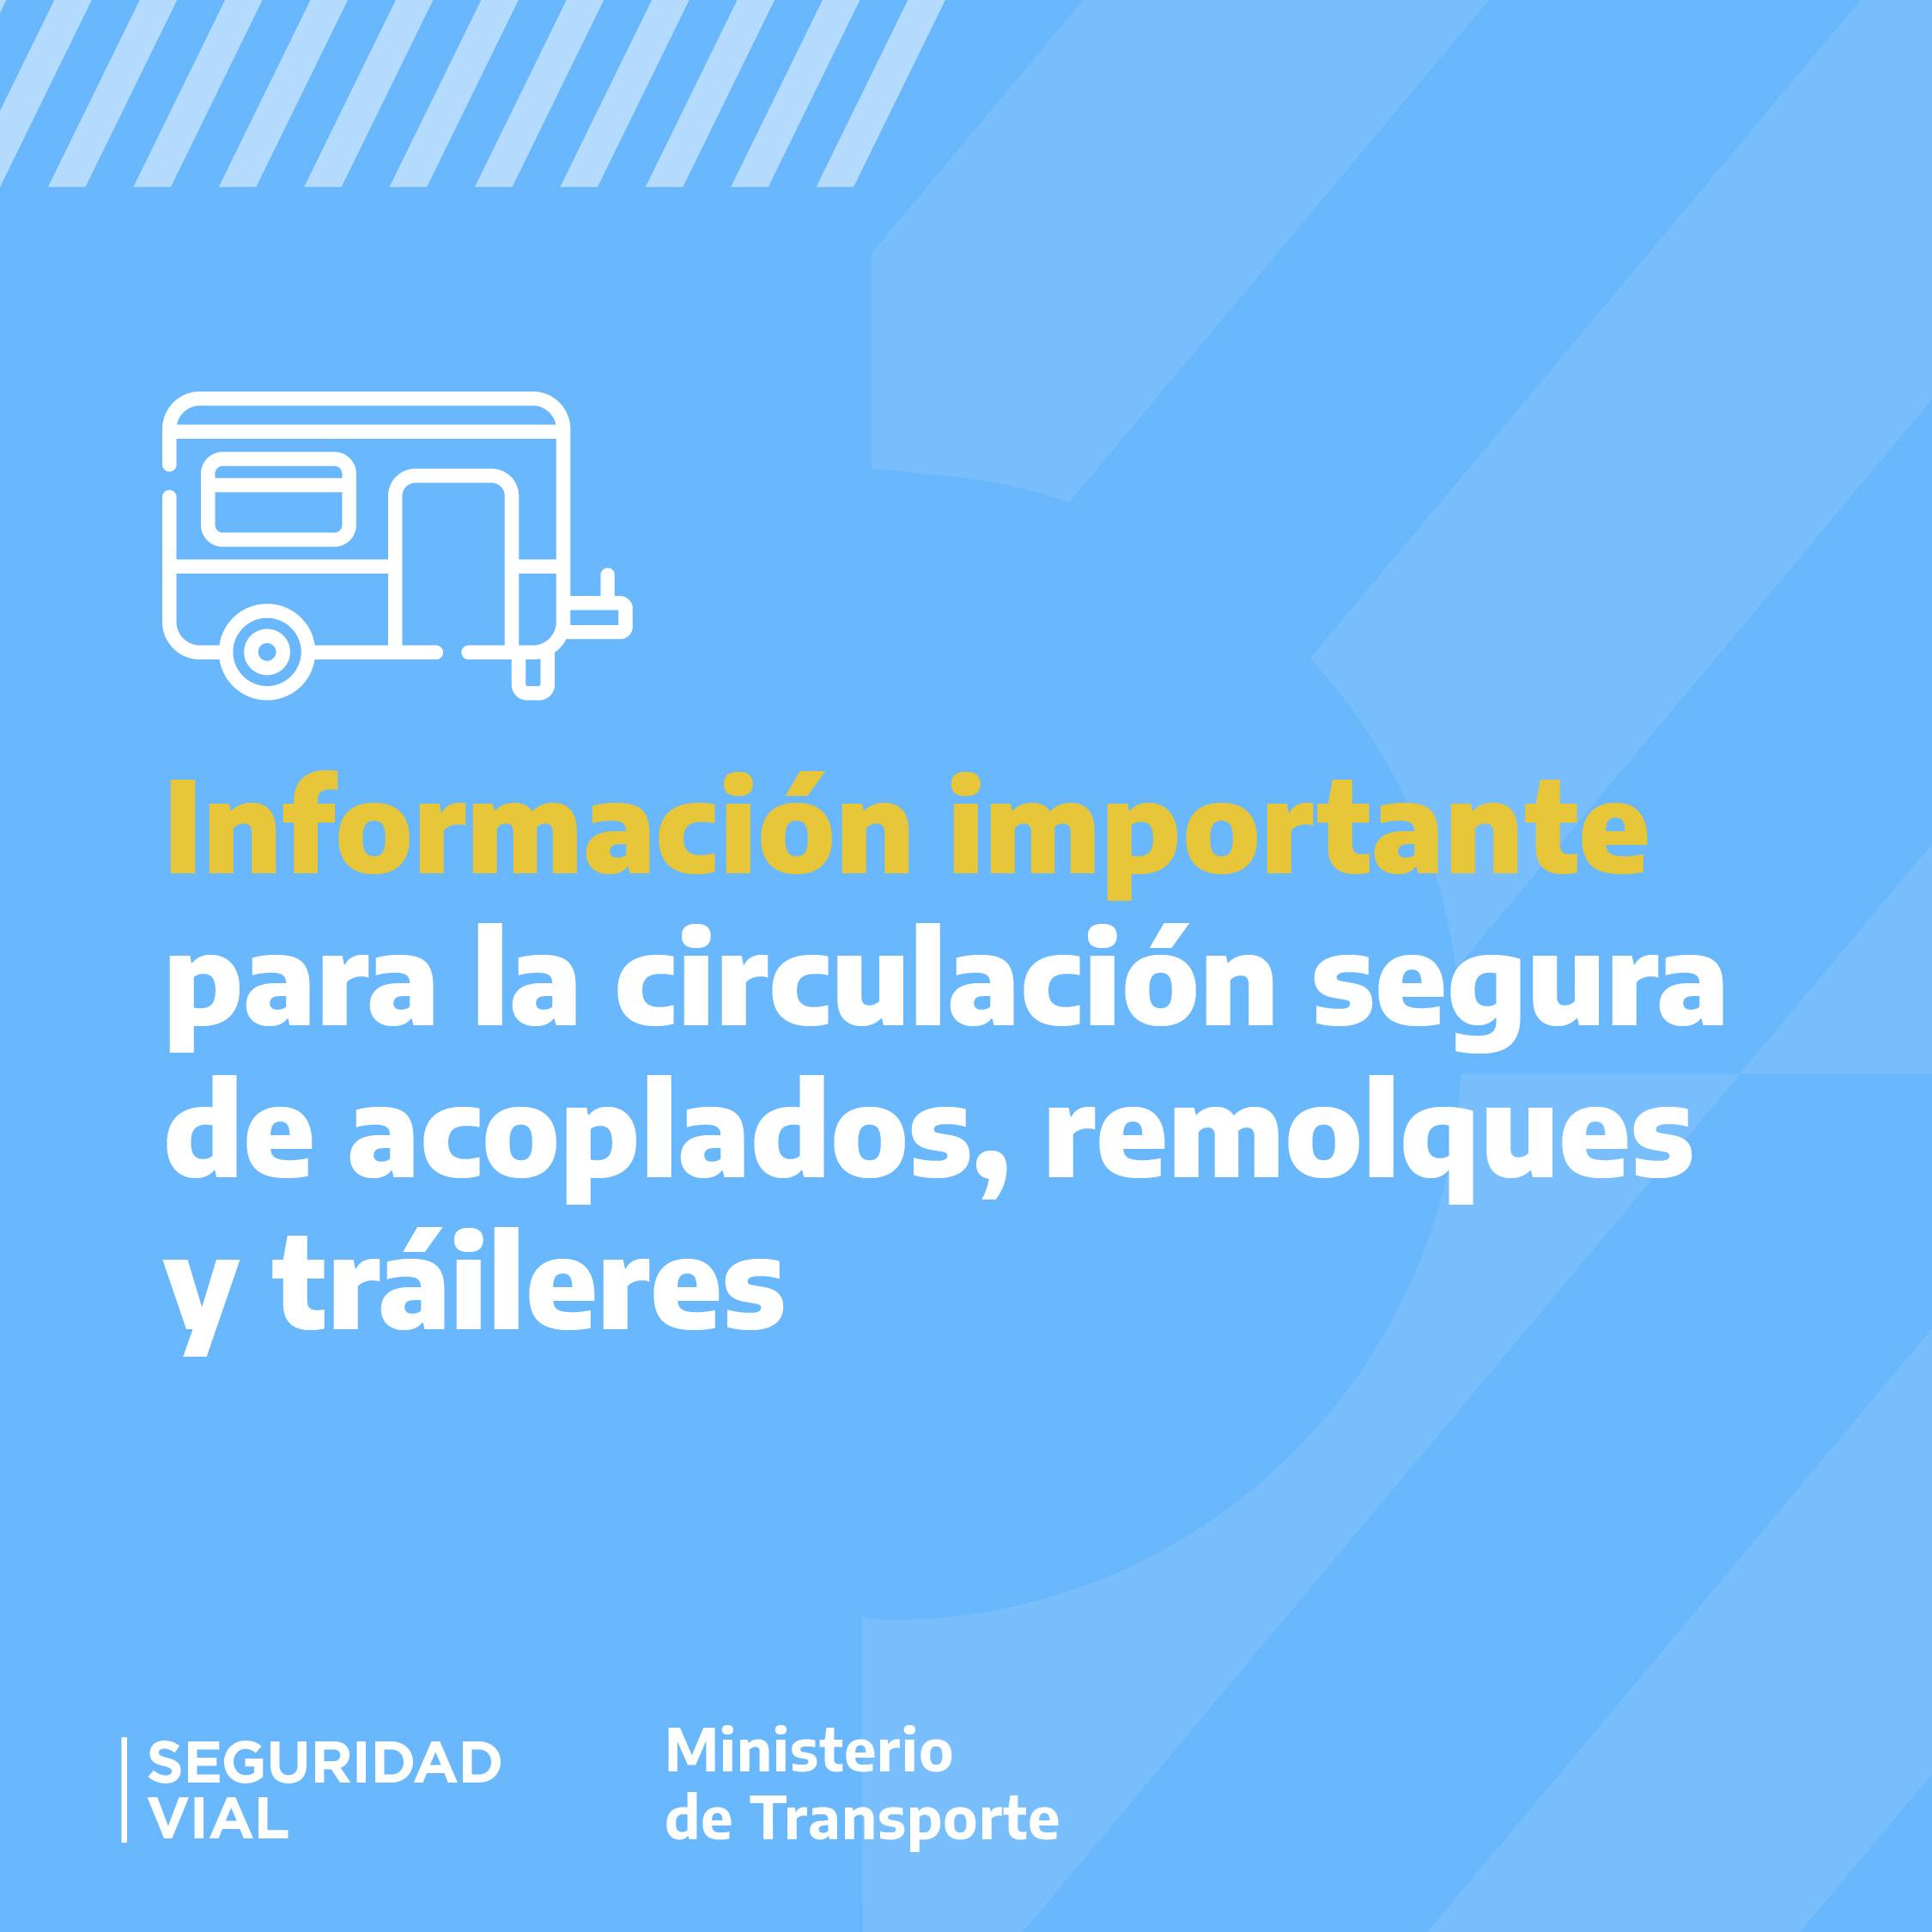 Información importante para la circulación segura de acoplados, remolques y tráileres